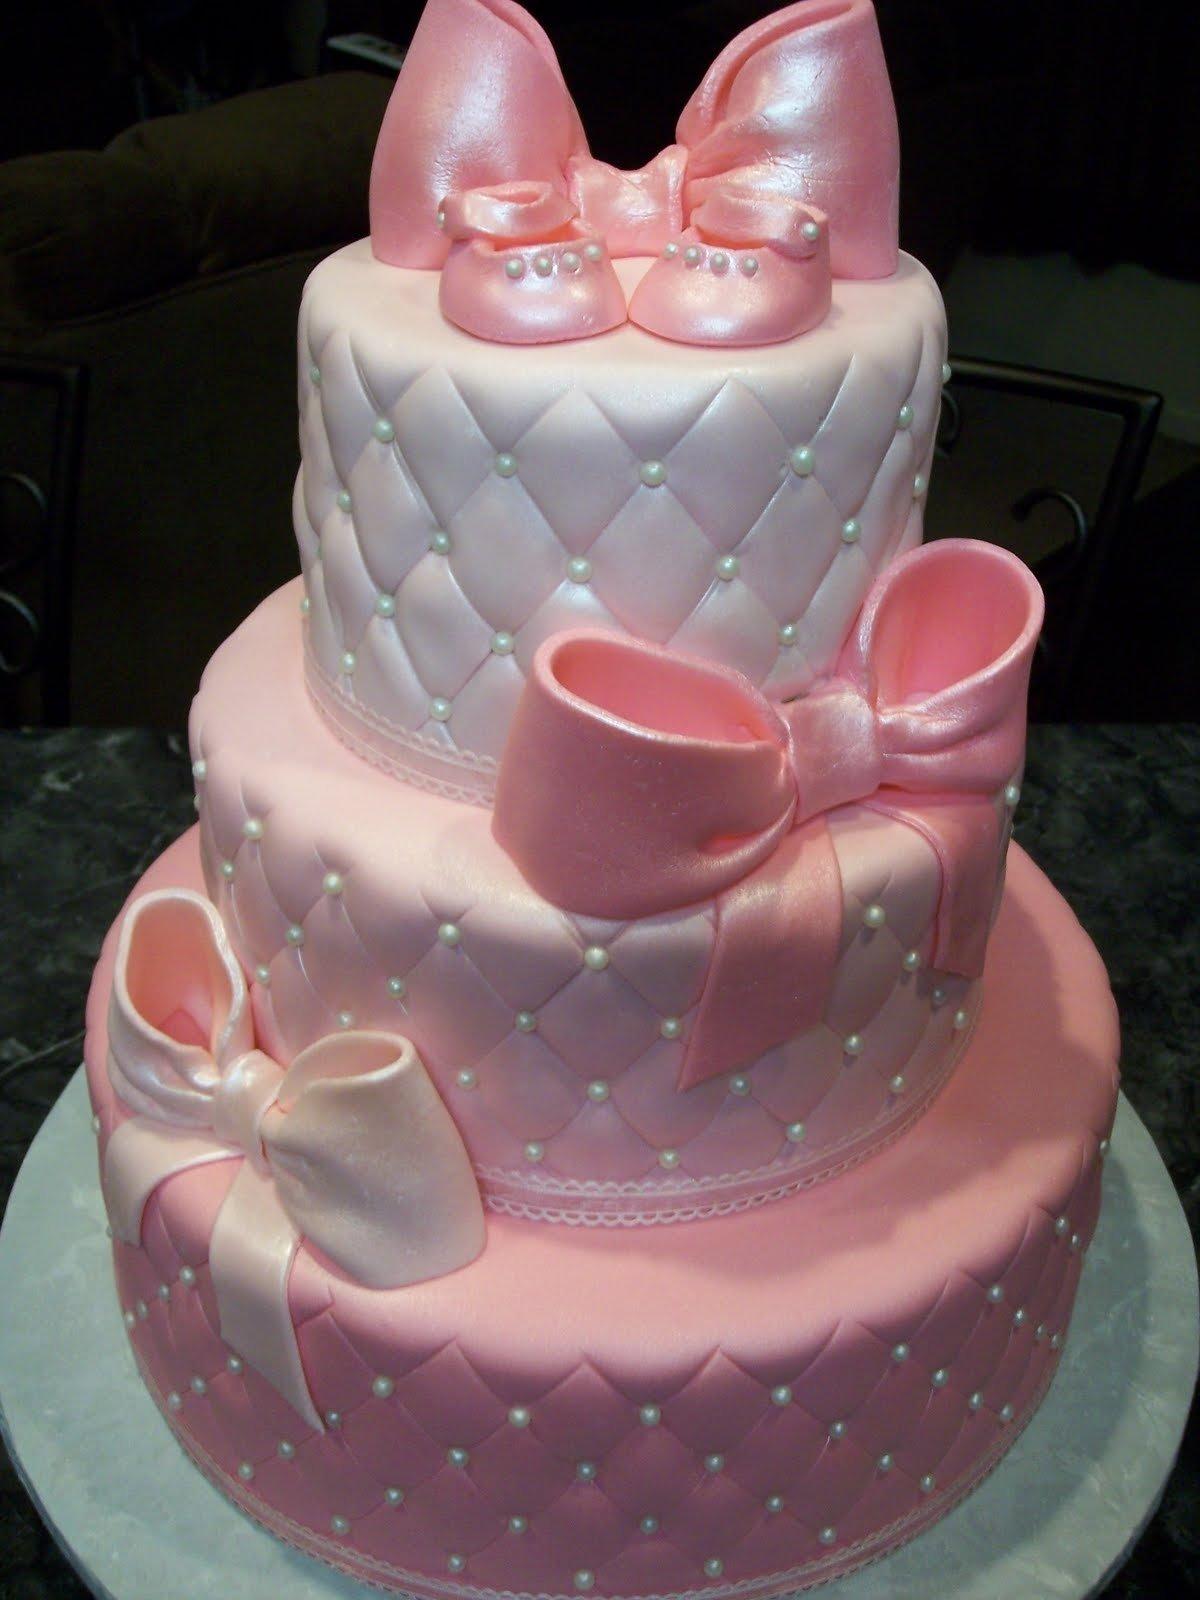 10 Elegant Cake Ideas For Baby Shower girl baby shower cakes and cupcakes ideas baby cake imagesbaby 6 2020